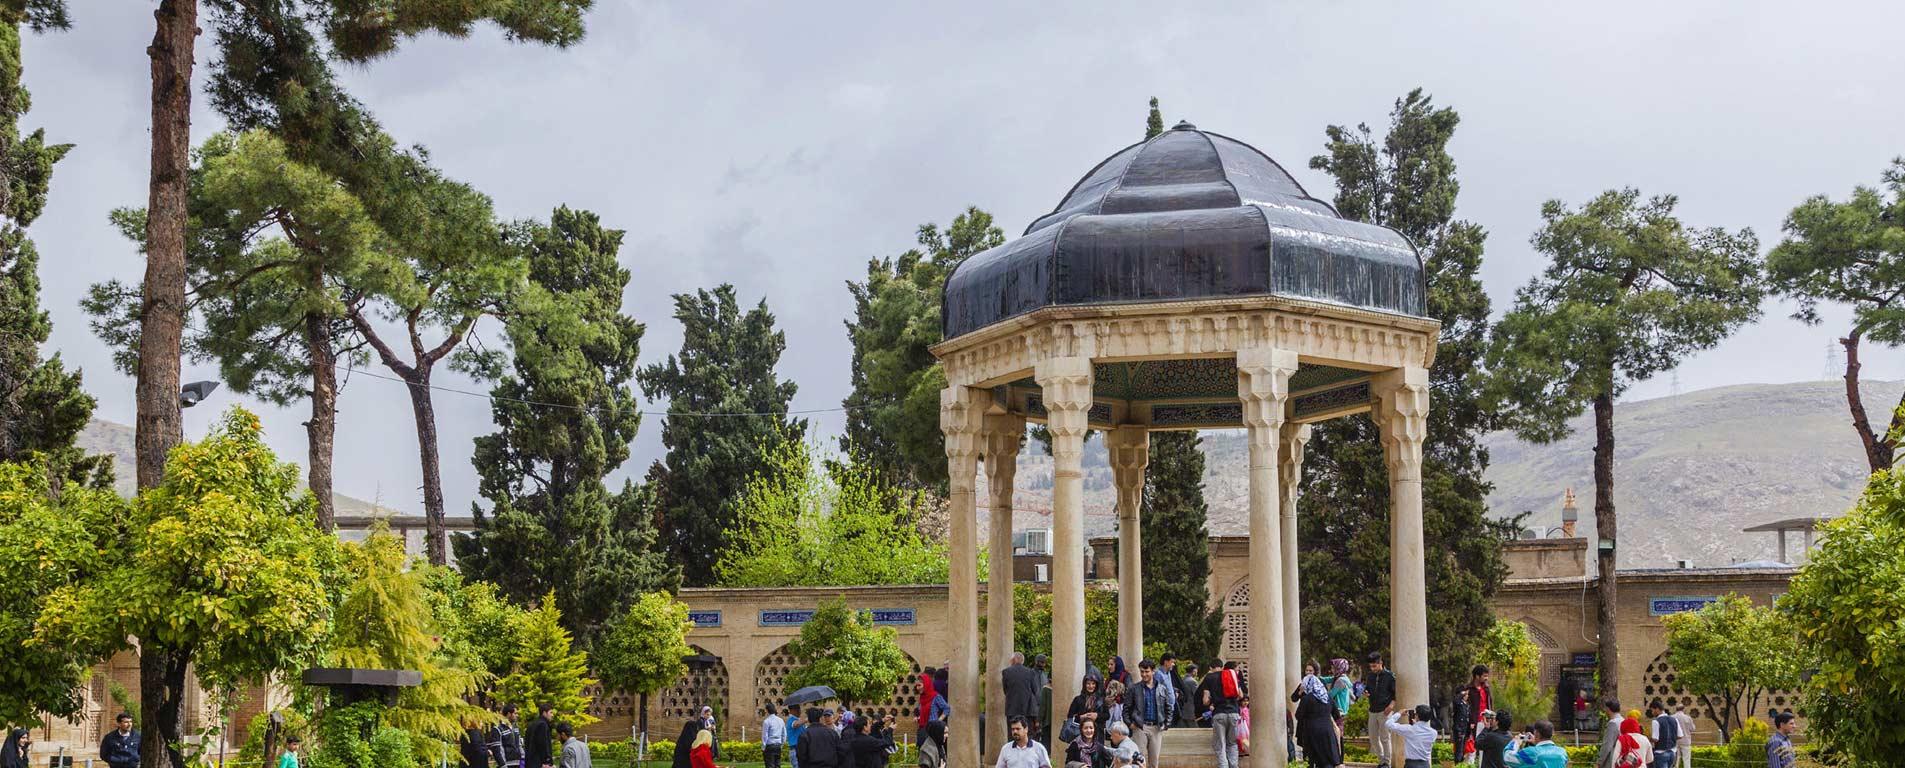 حافظیه ، باغ خیال انگیزی که سخنگوی عشاق را در بر دارد